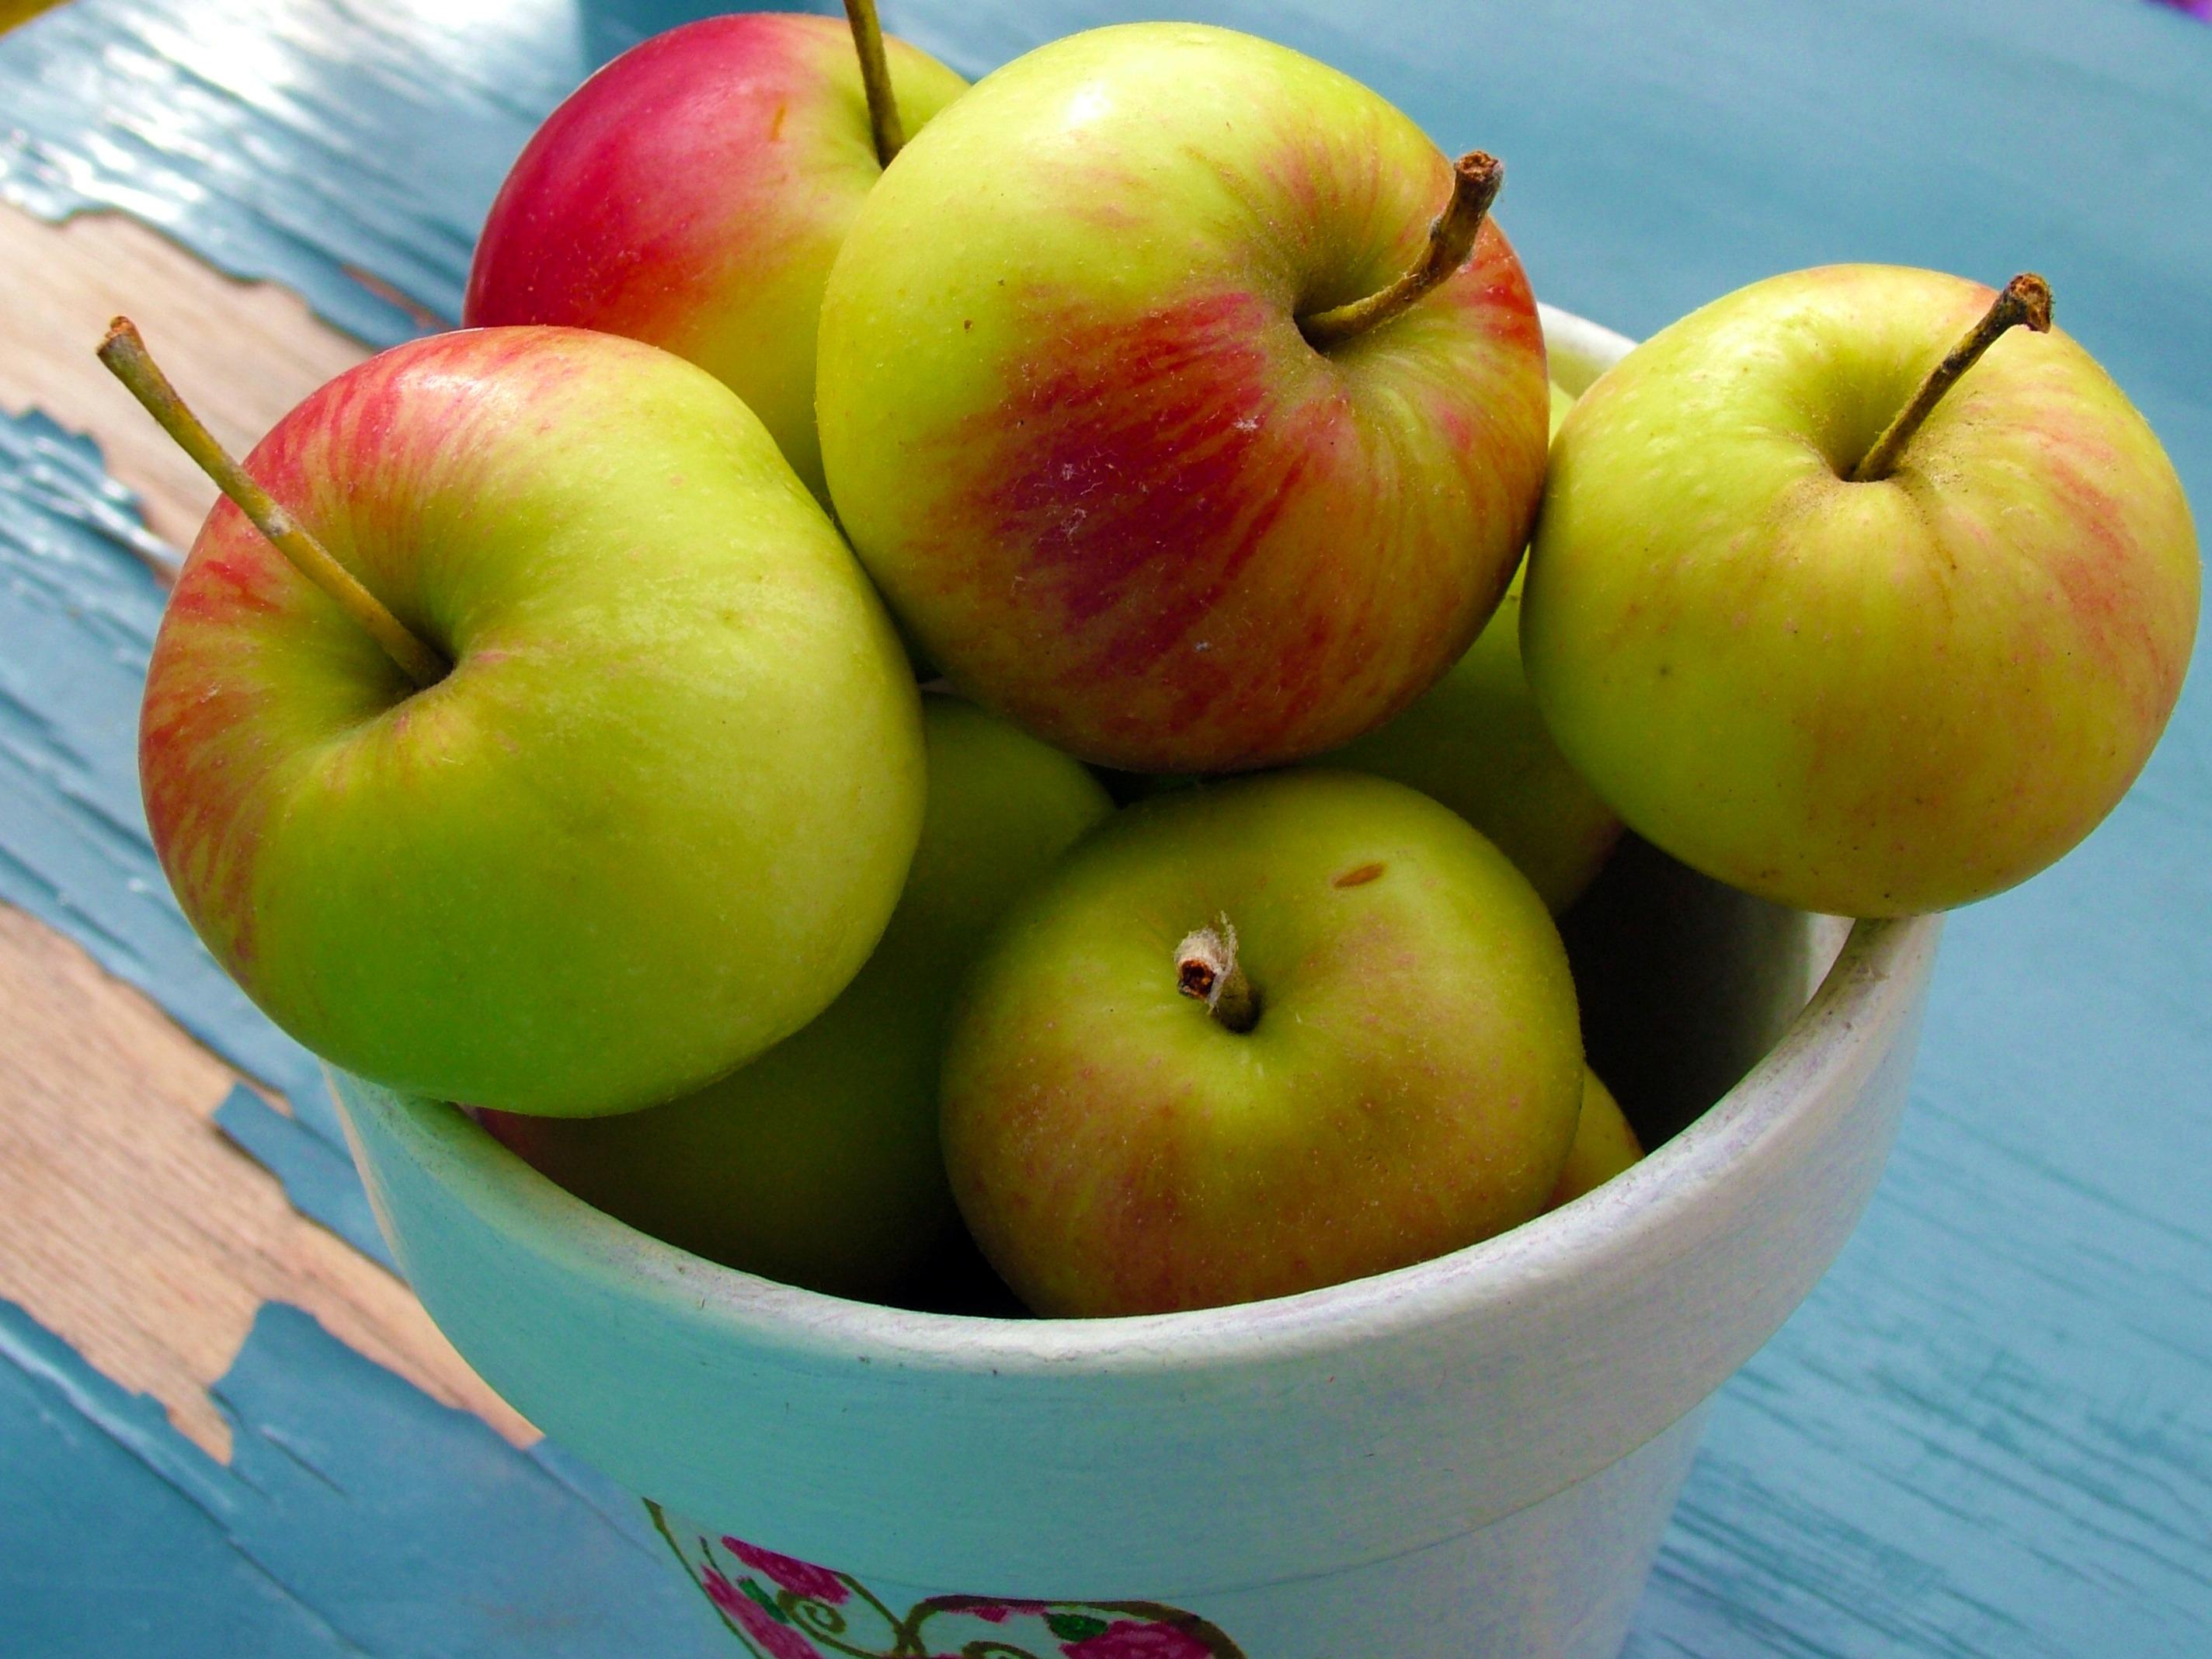 картинка яблок зеленых и красных что ему суждено